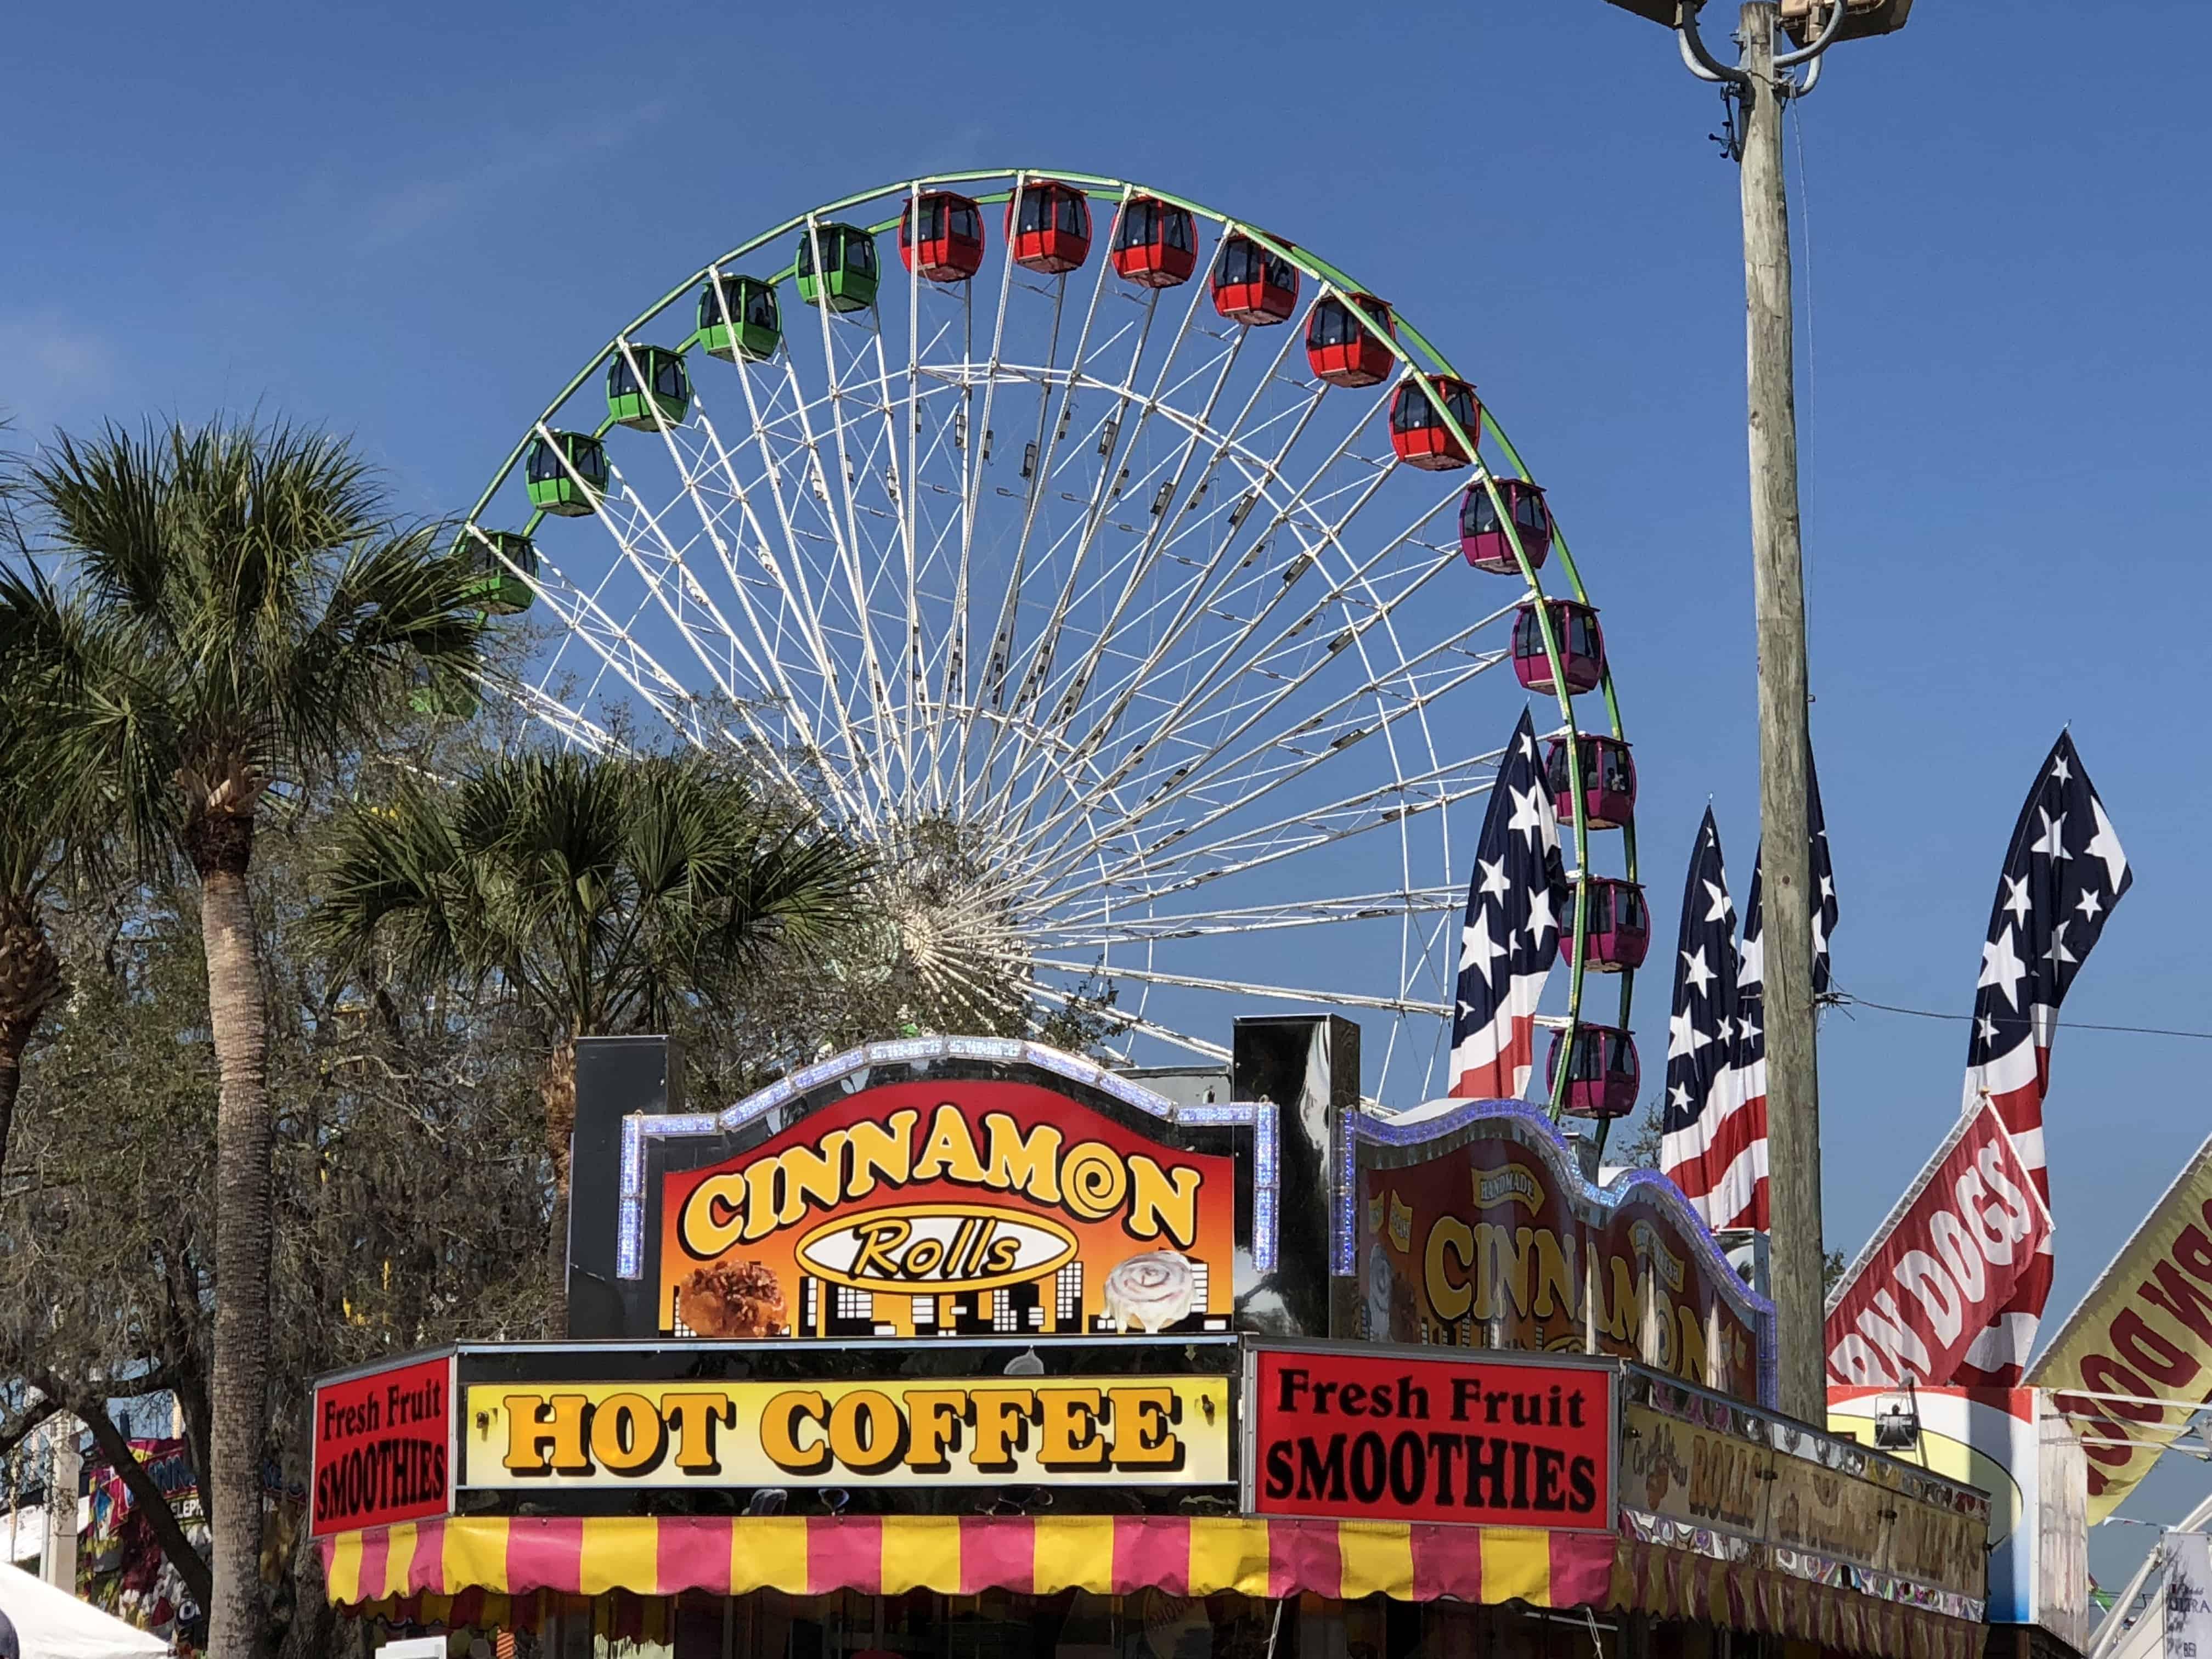 Florida State Fair Ferris wheel